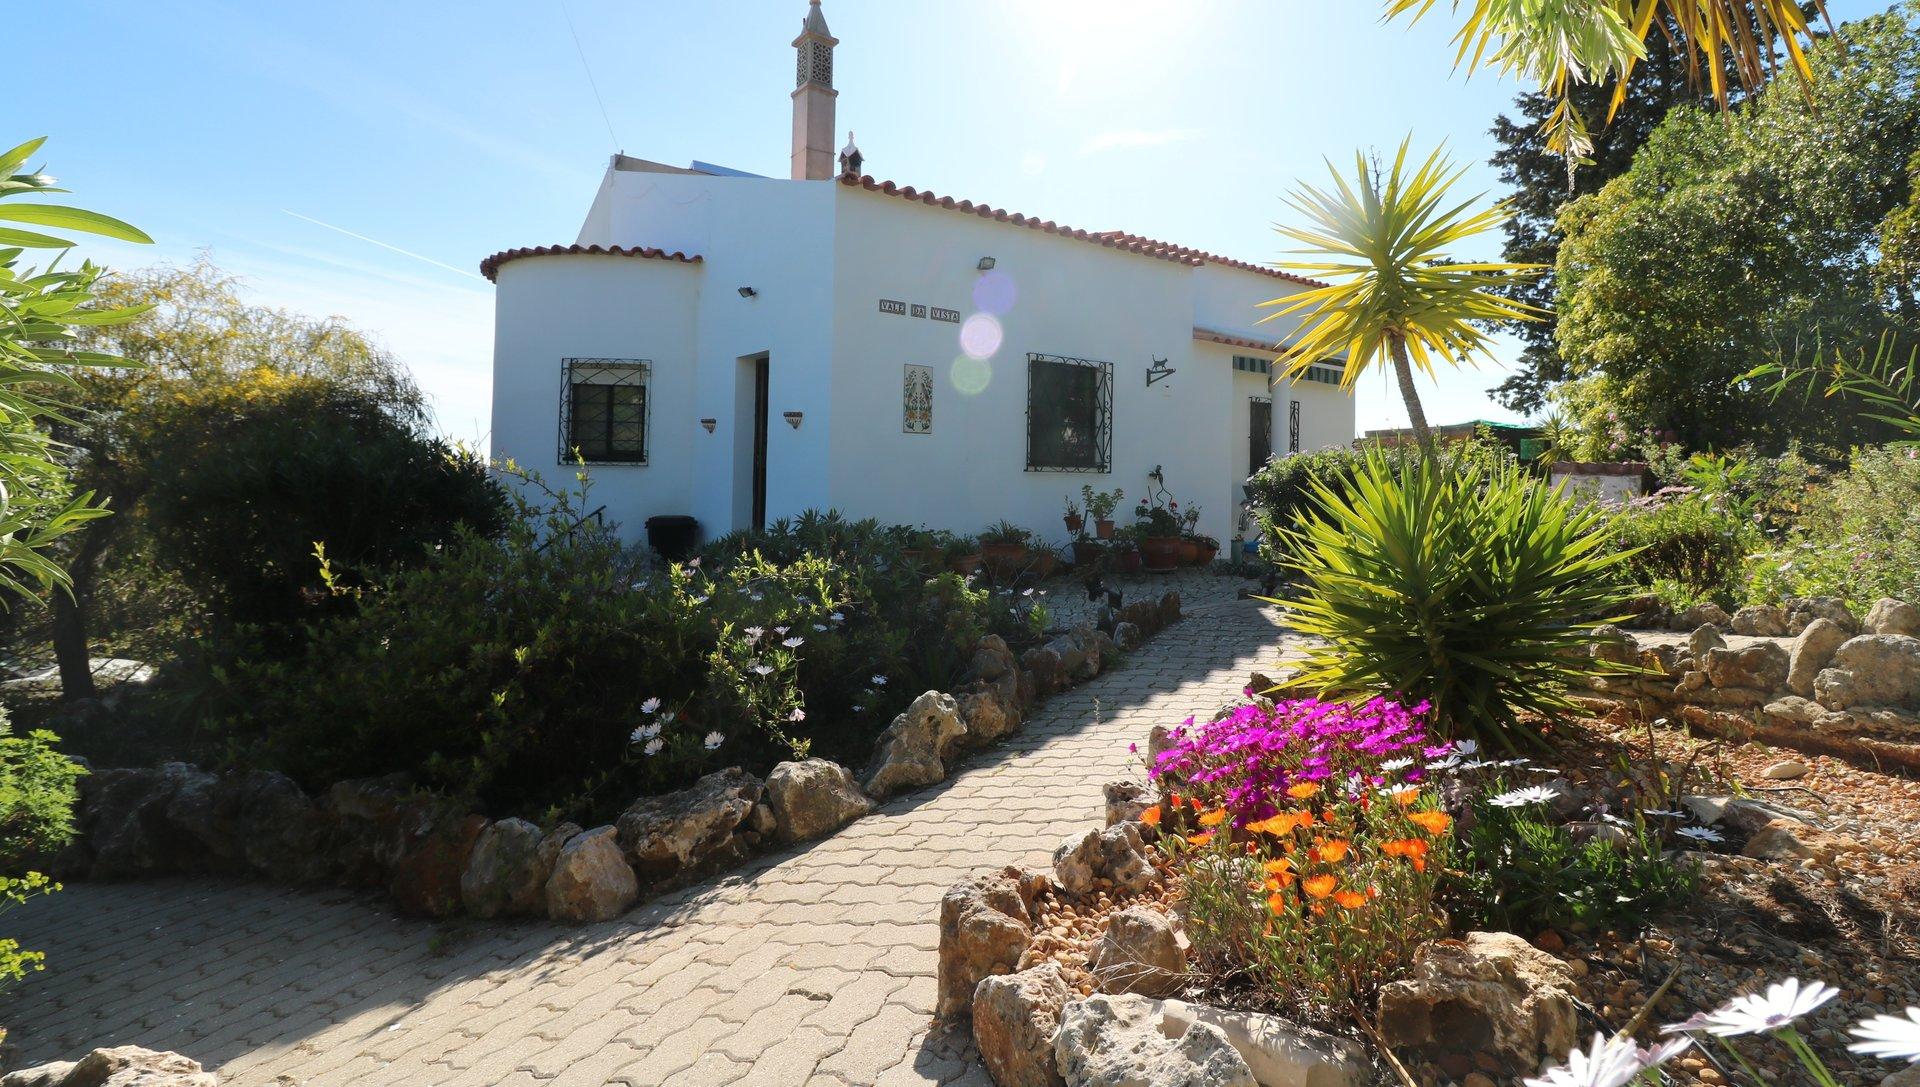 2 Bedroom Villa Sao Bras de Alportel, Central Algarve Ref: JV10423